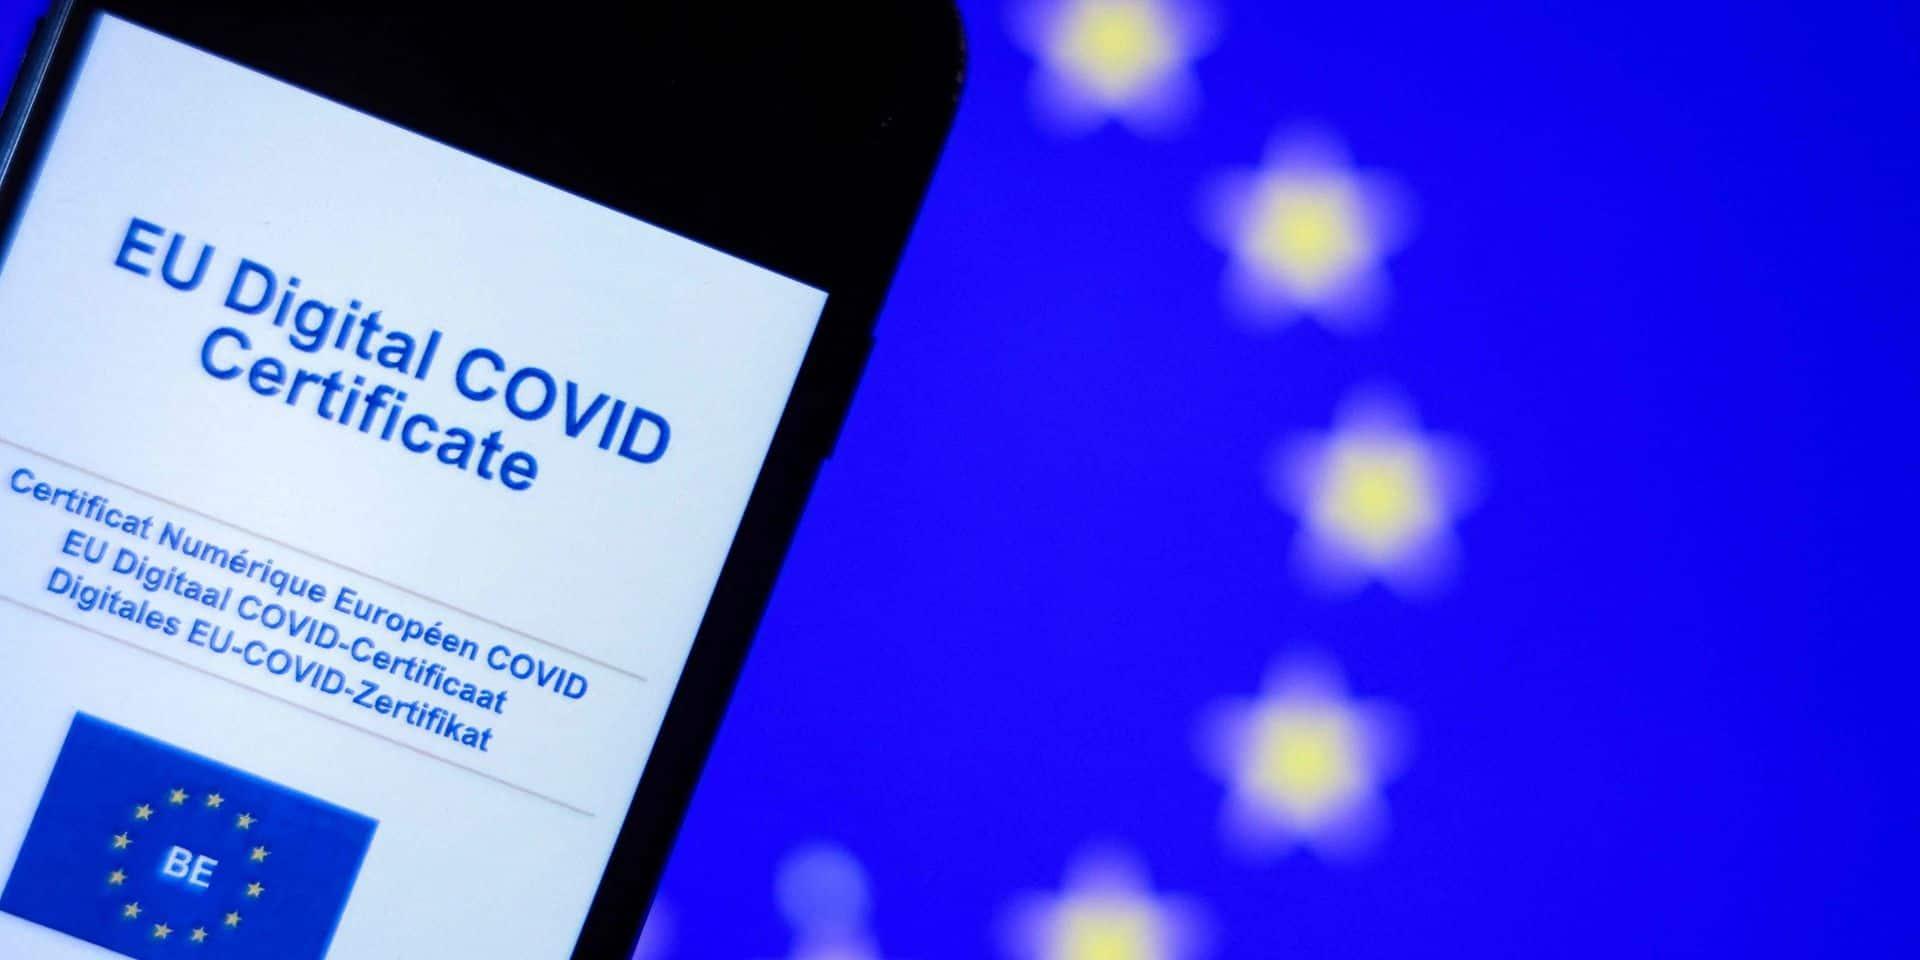 Plus de 200 millions de certificats covid numérique ont déjà été générés